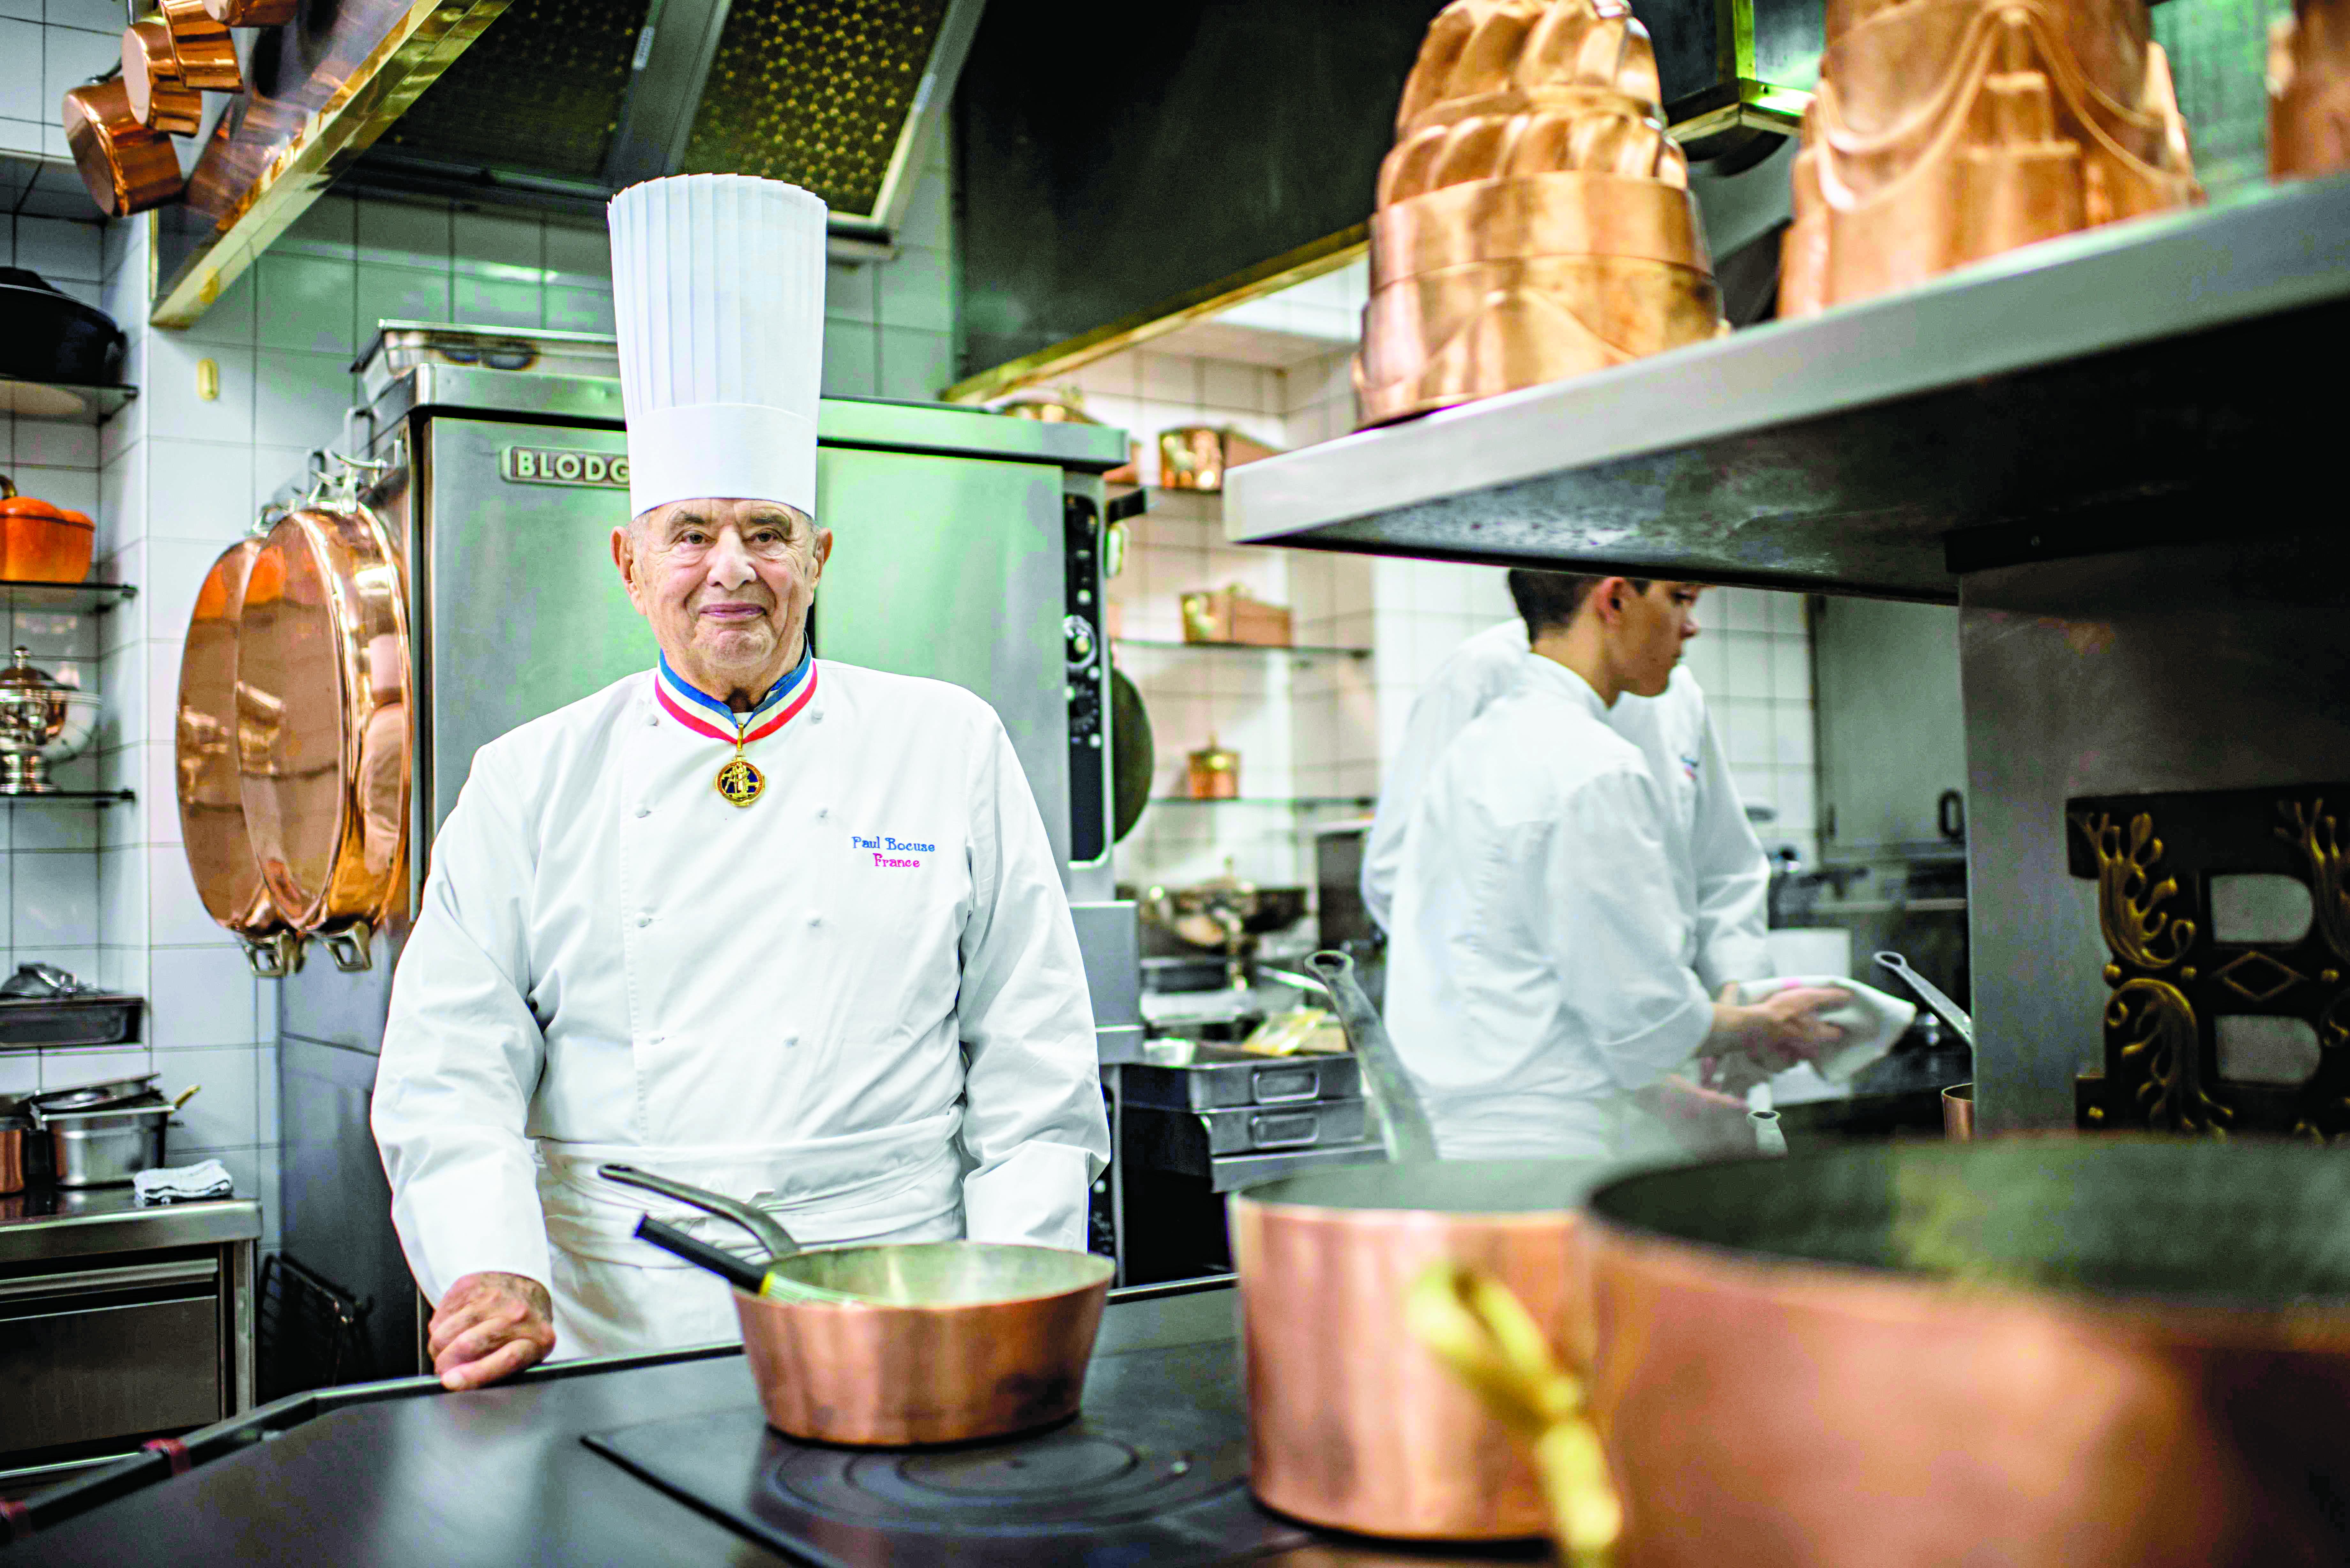 Morre o chef Paul Bocuse, considerado o chef do século